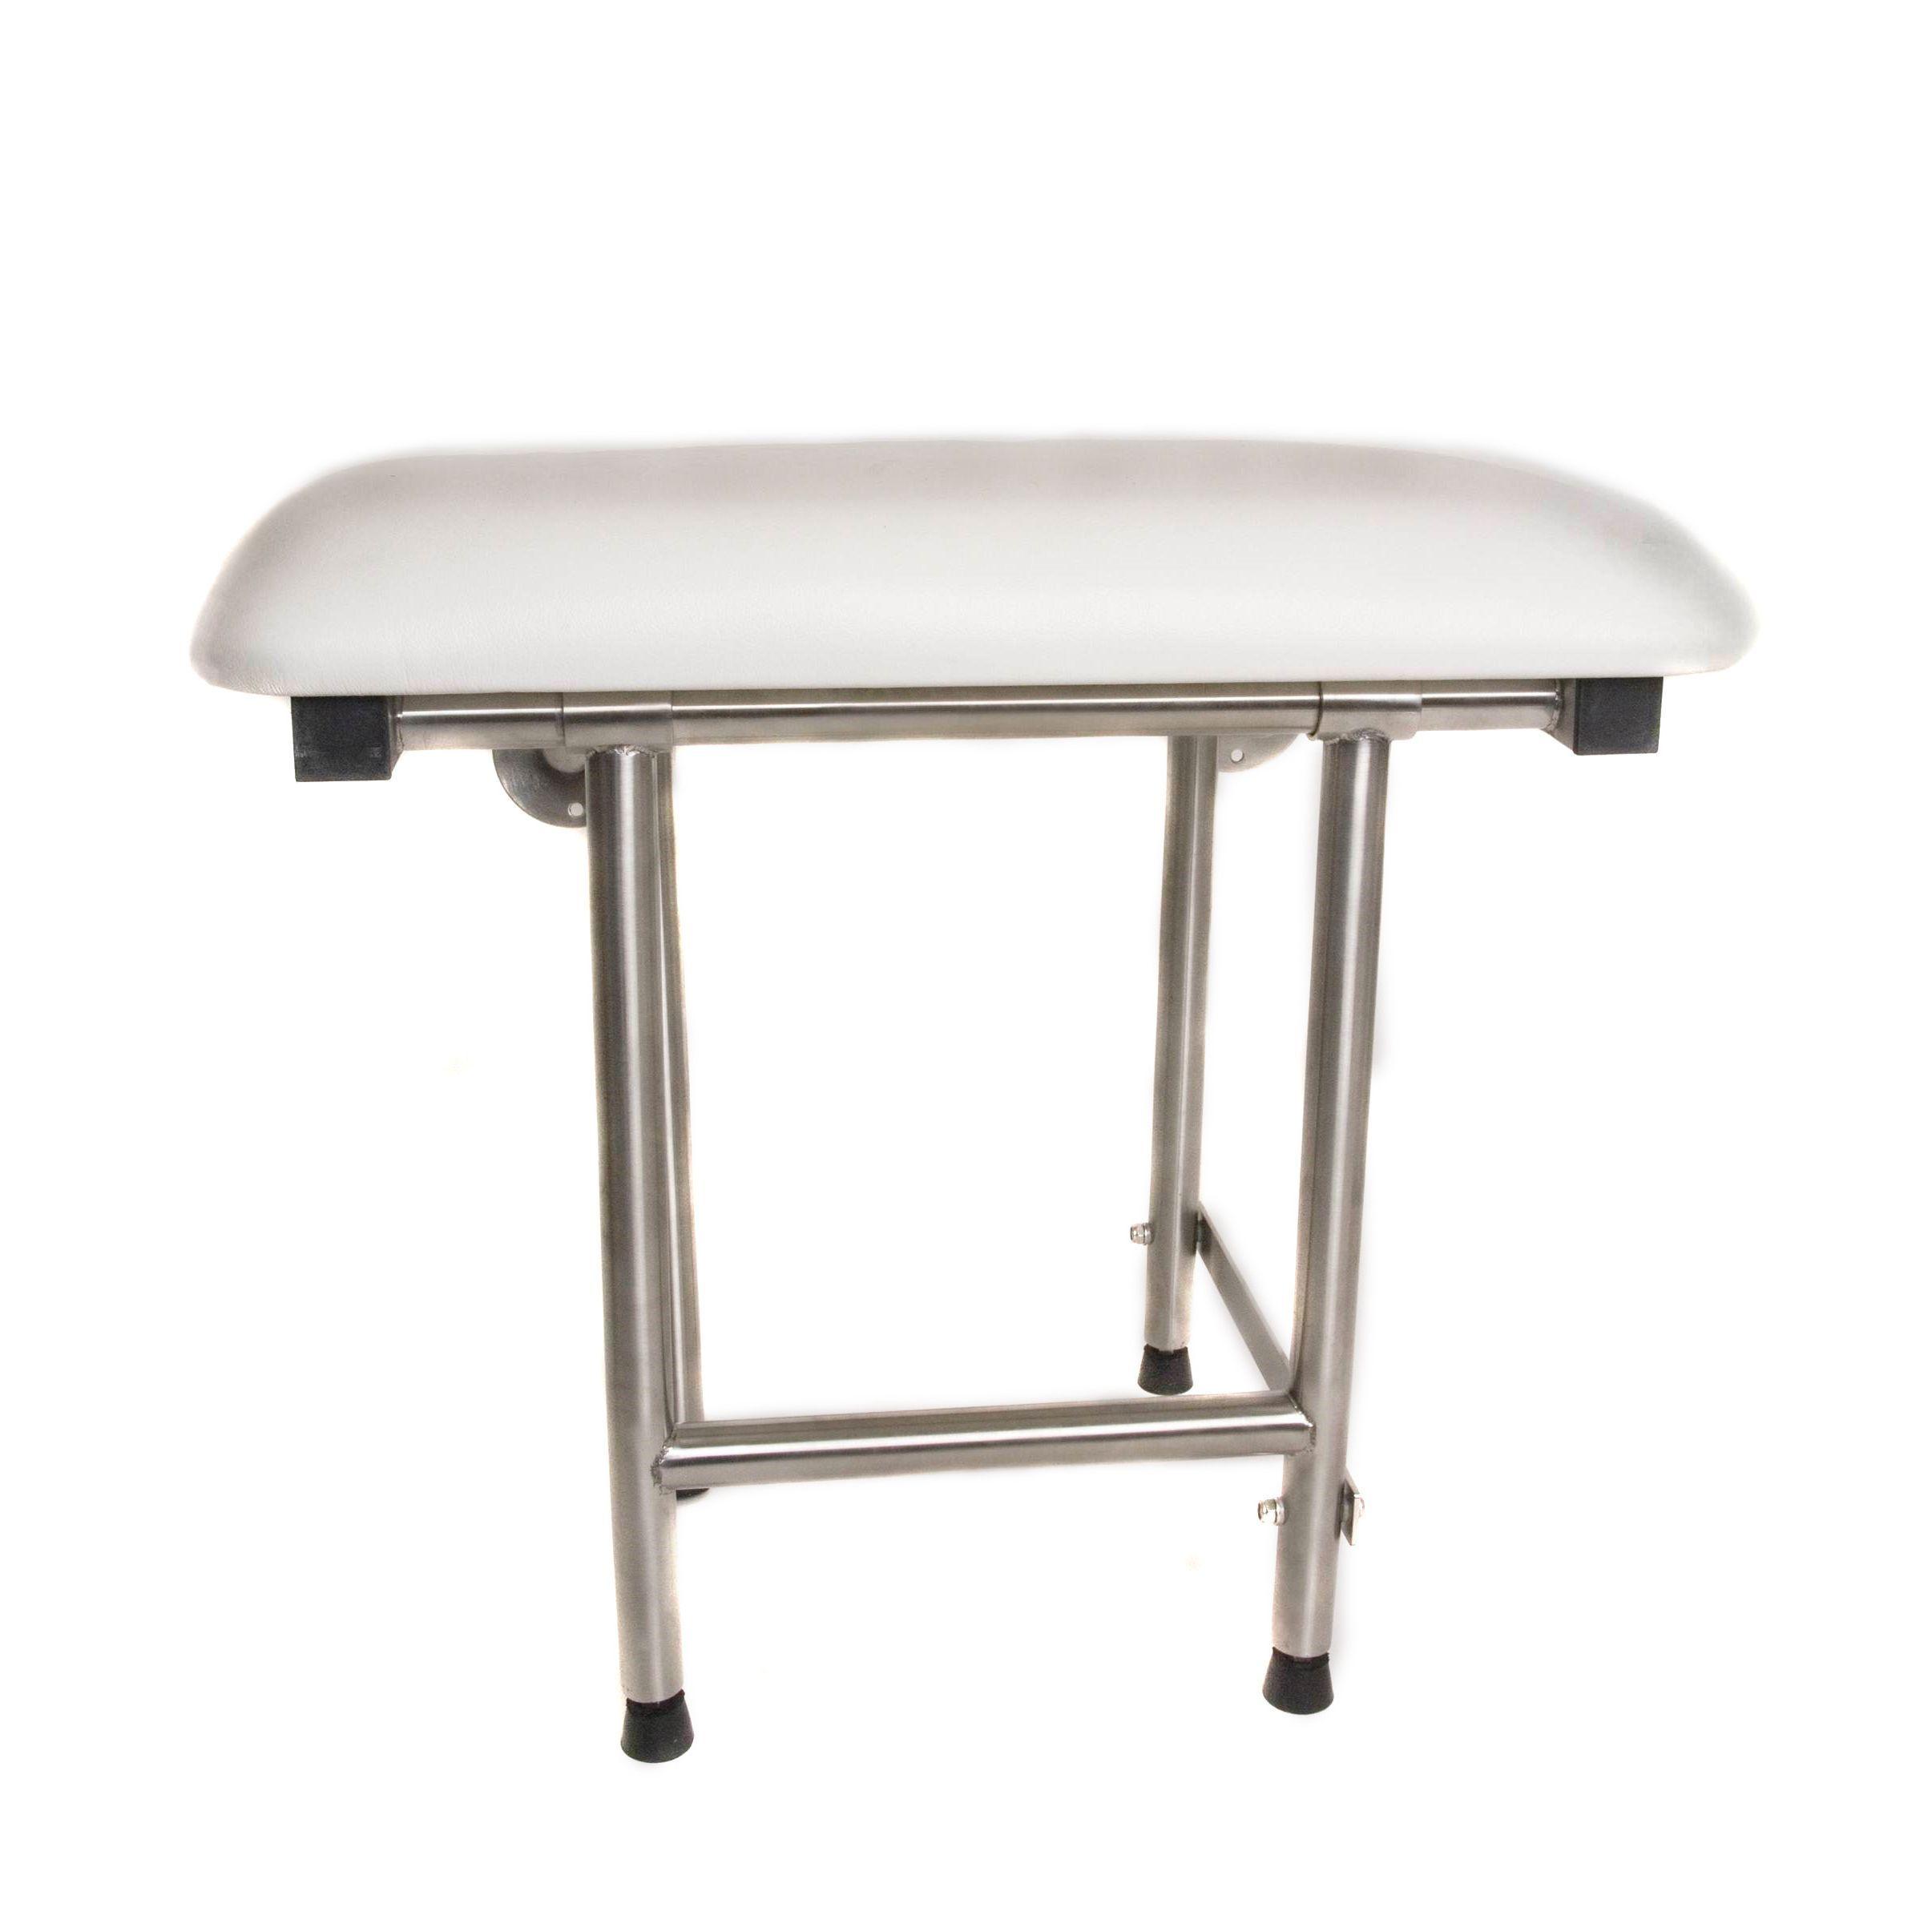 CSI Bathroom Folding Shower Bath Seat (32\